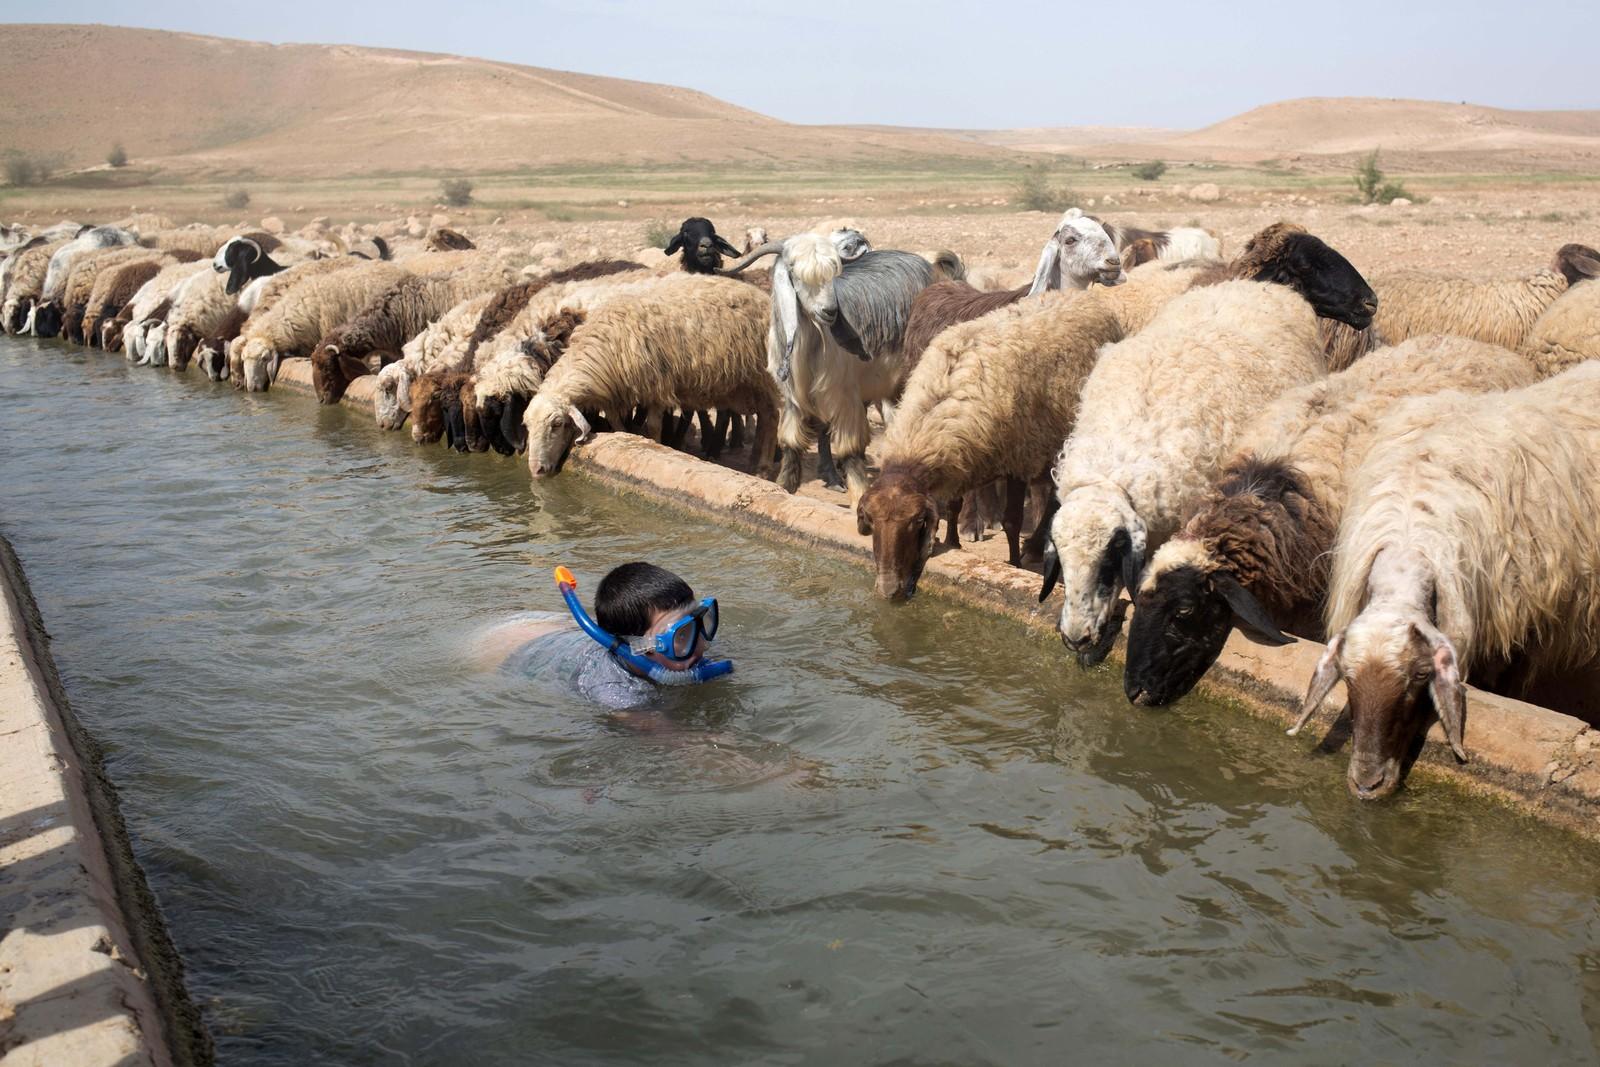 En israelsk gutt svømmer ved siden av sauer i landsbyen Al-Auja på Vestbredden 8. april.